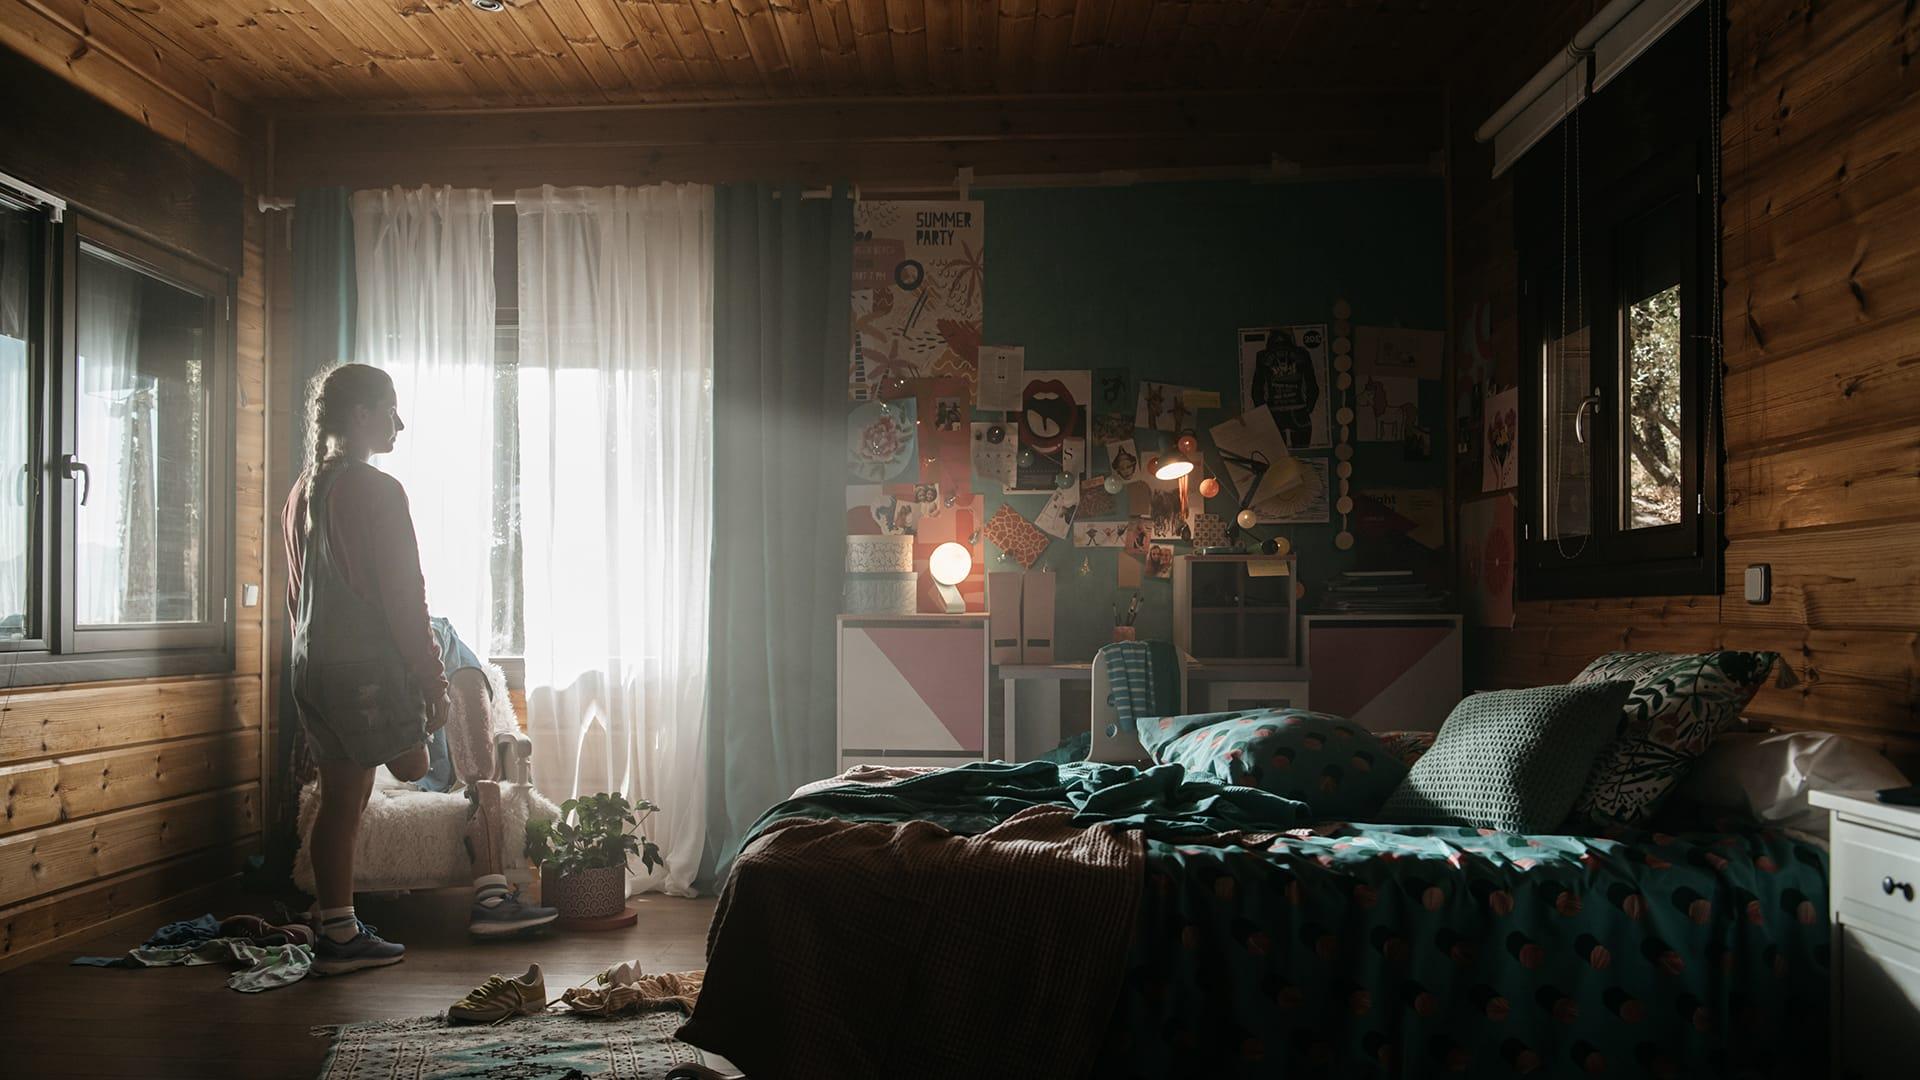 Desirée Vila mira su habitación con la prótesis de su pierna quitada y apoyada en un sillón.